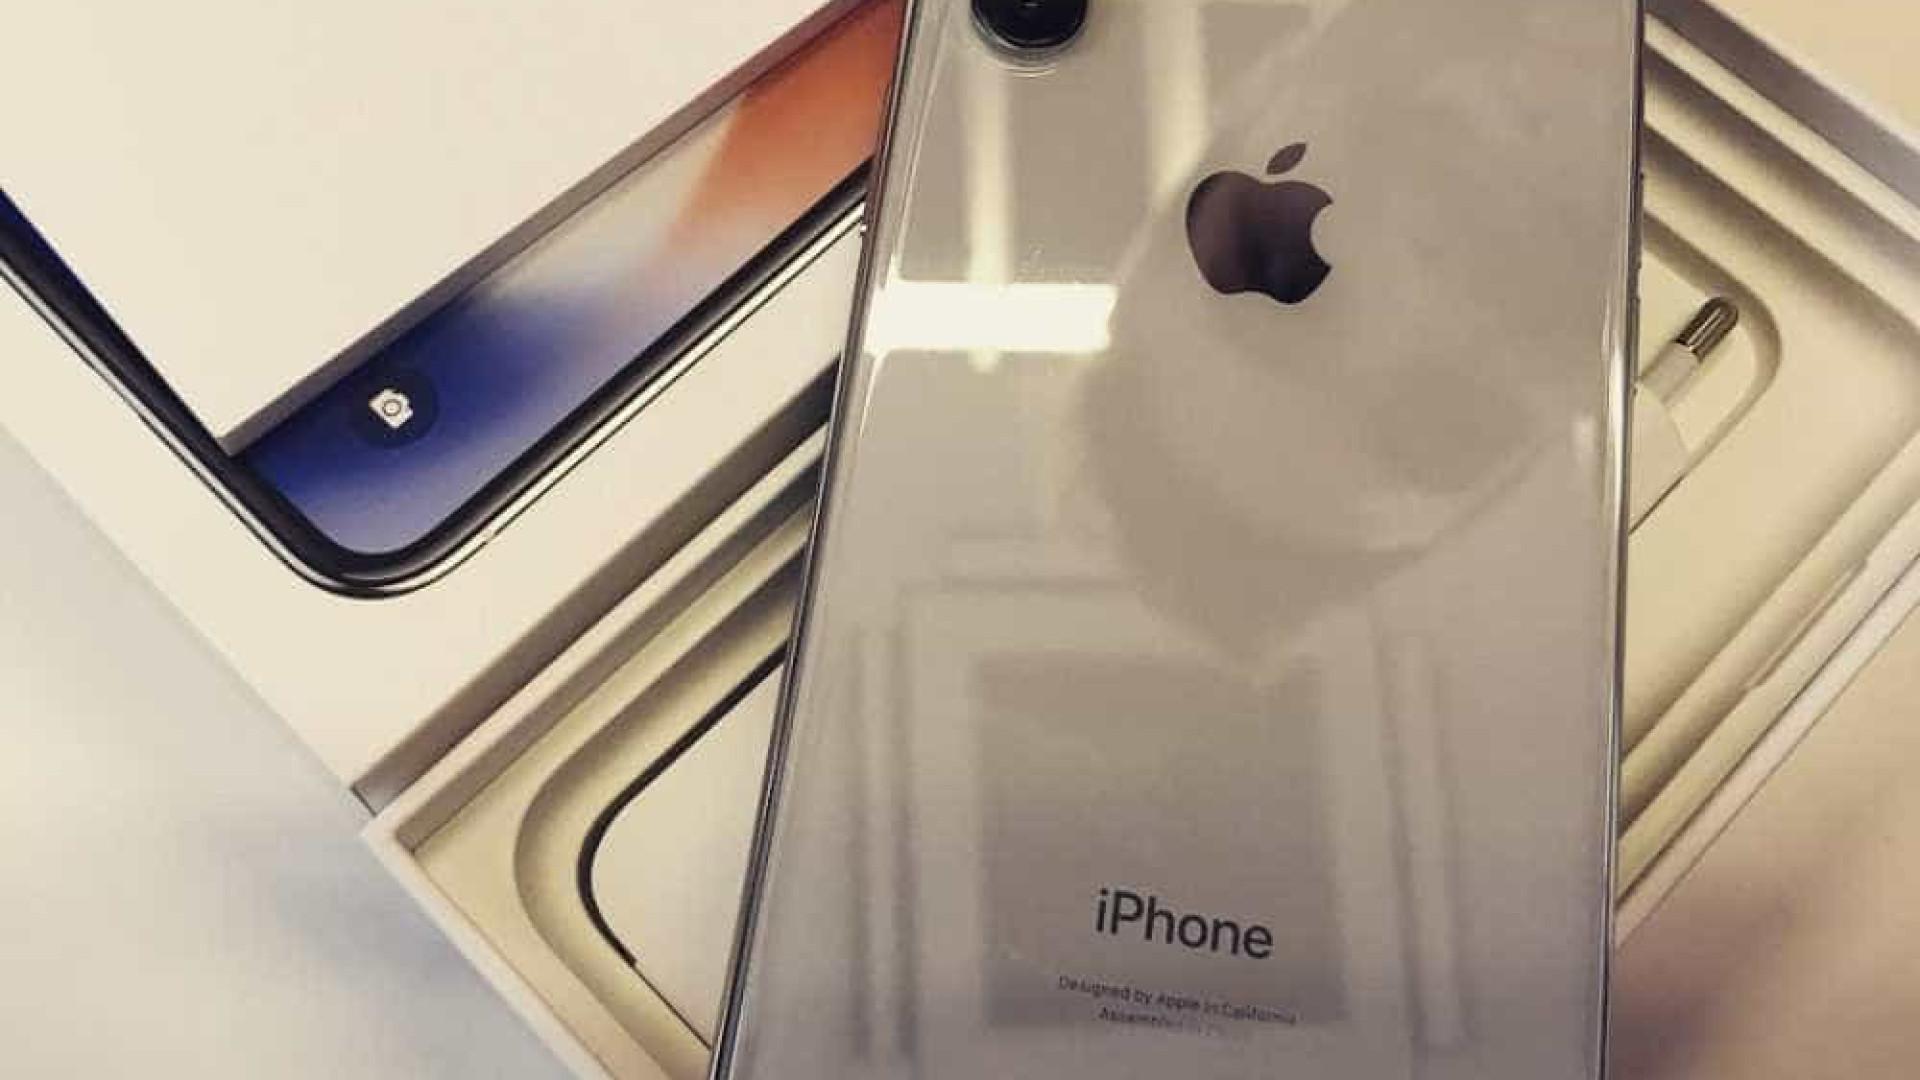 Engenheiro é demitido da Apple após filha publicar vídeo com iPhone X